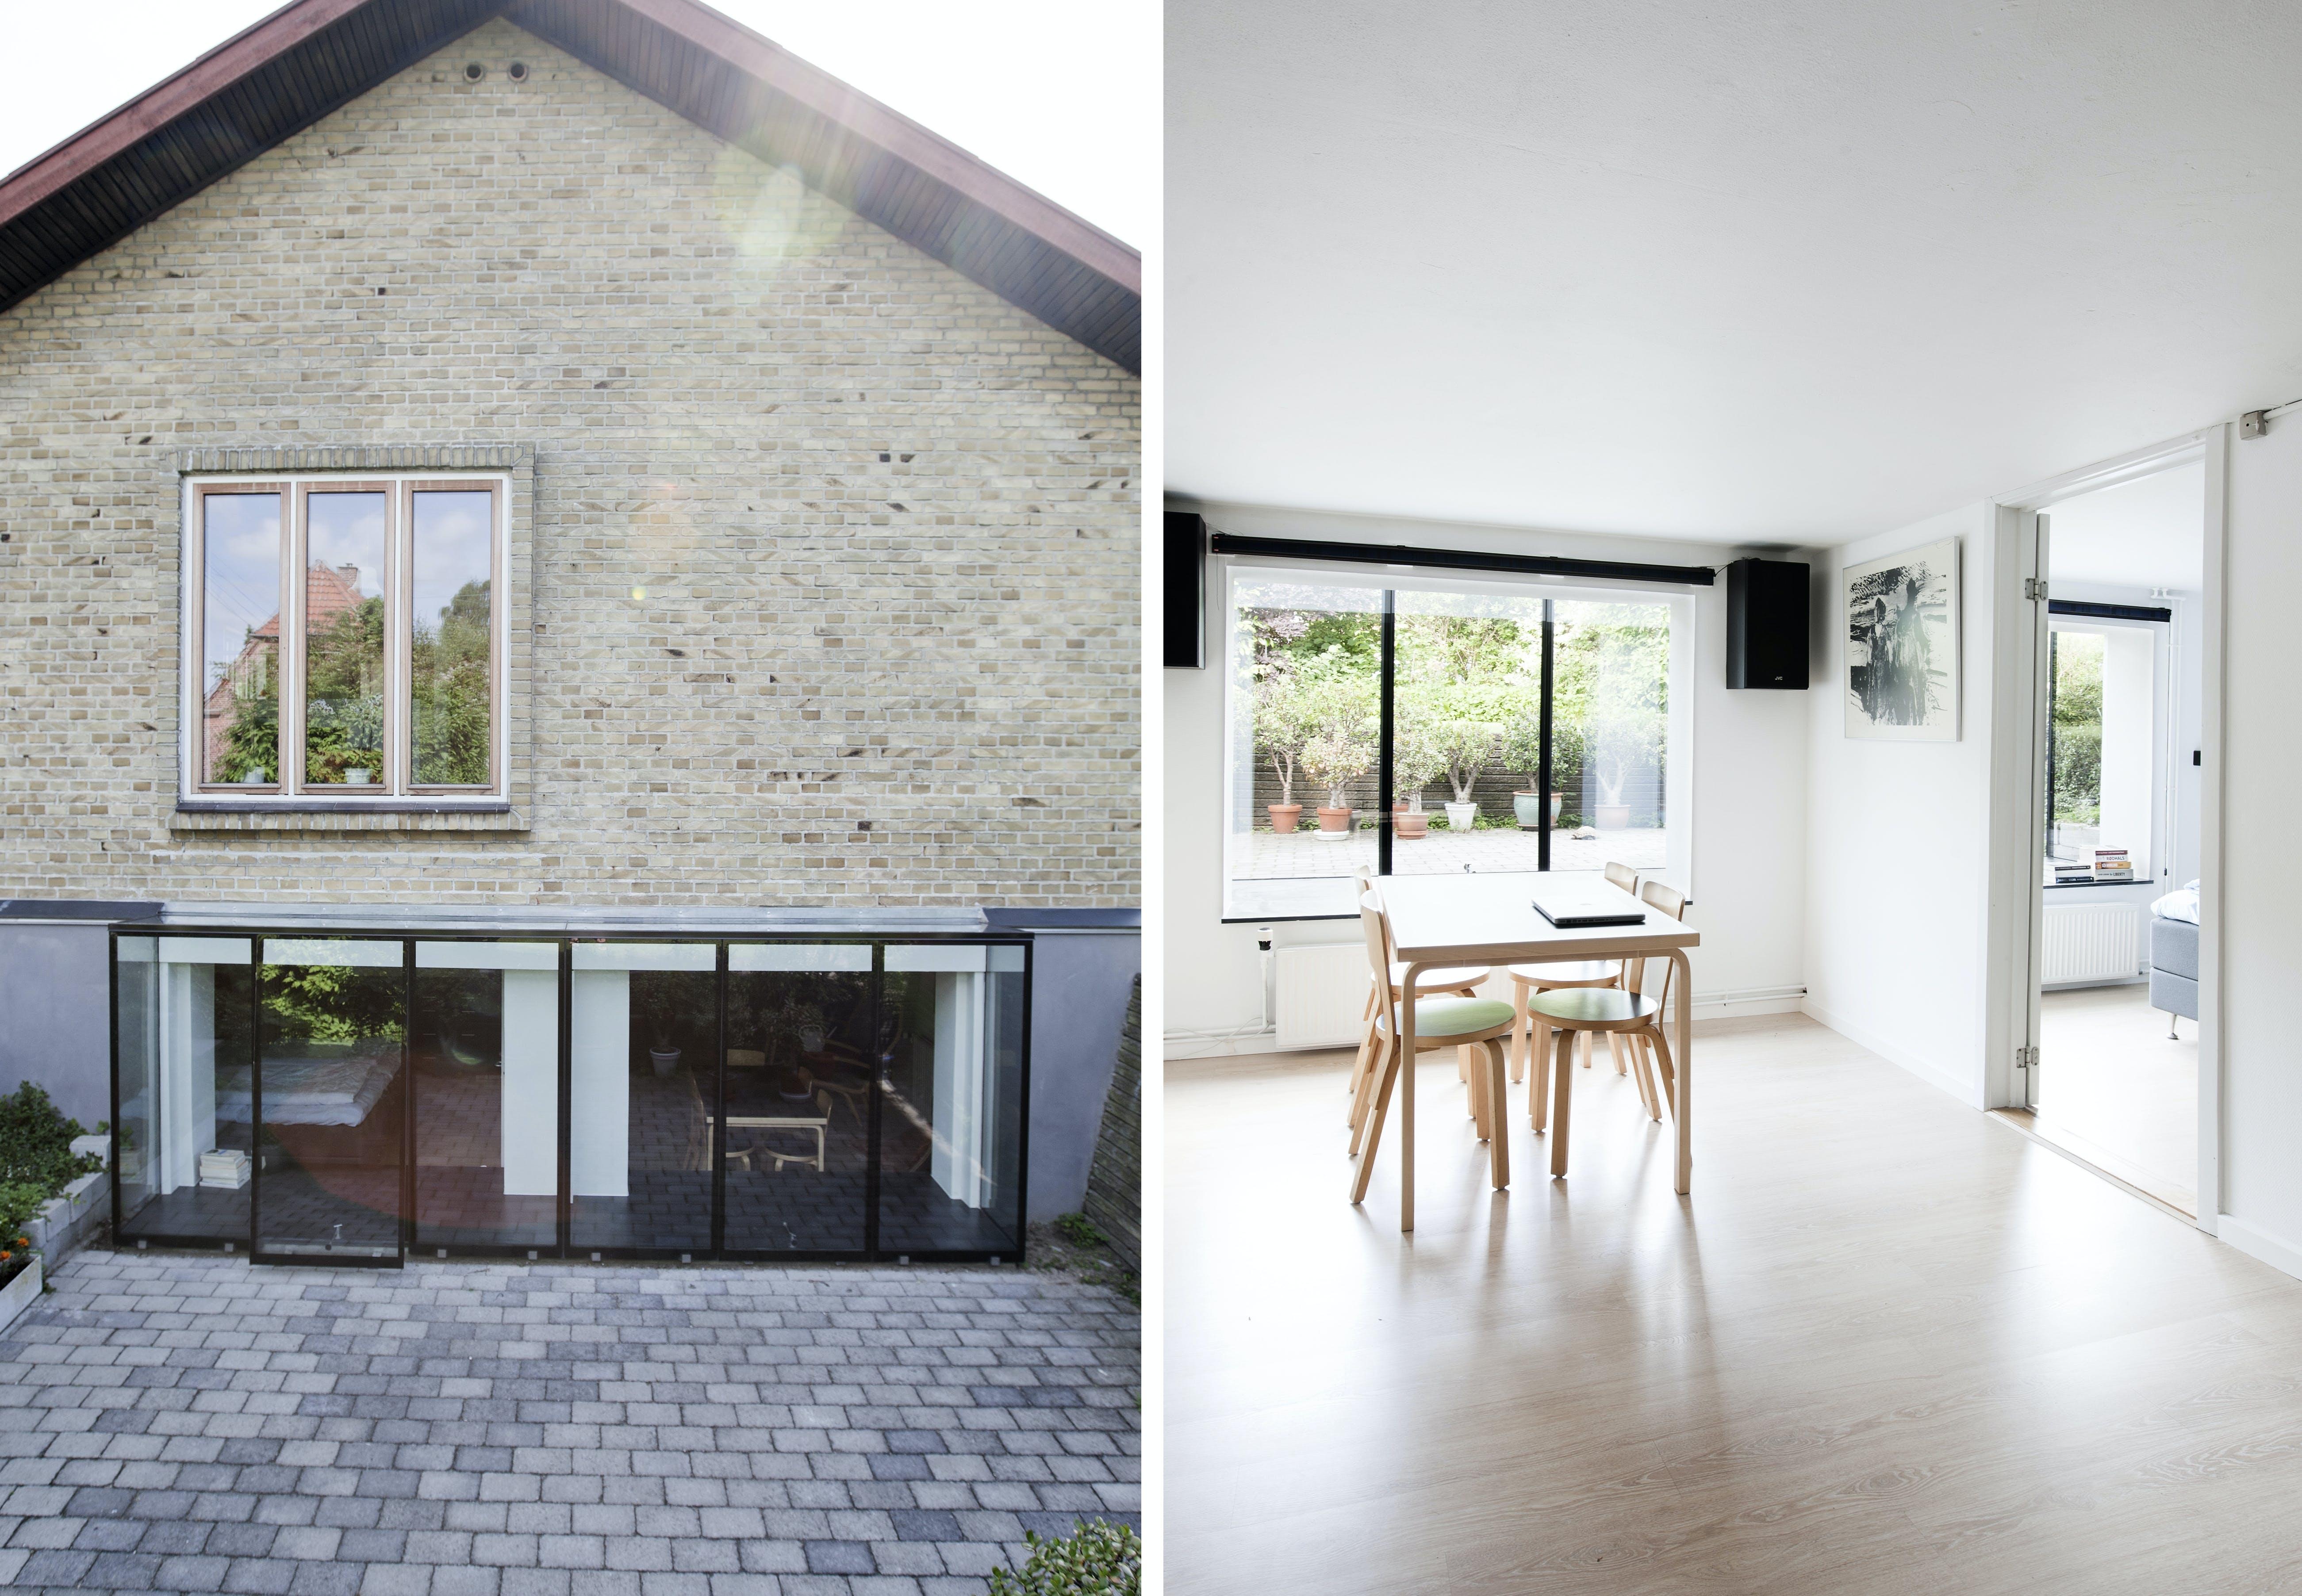 renovering ombygning kælder vinduer